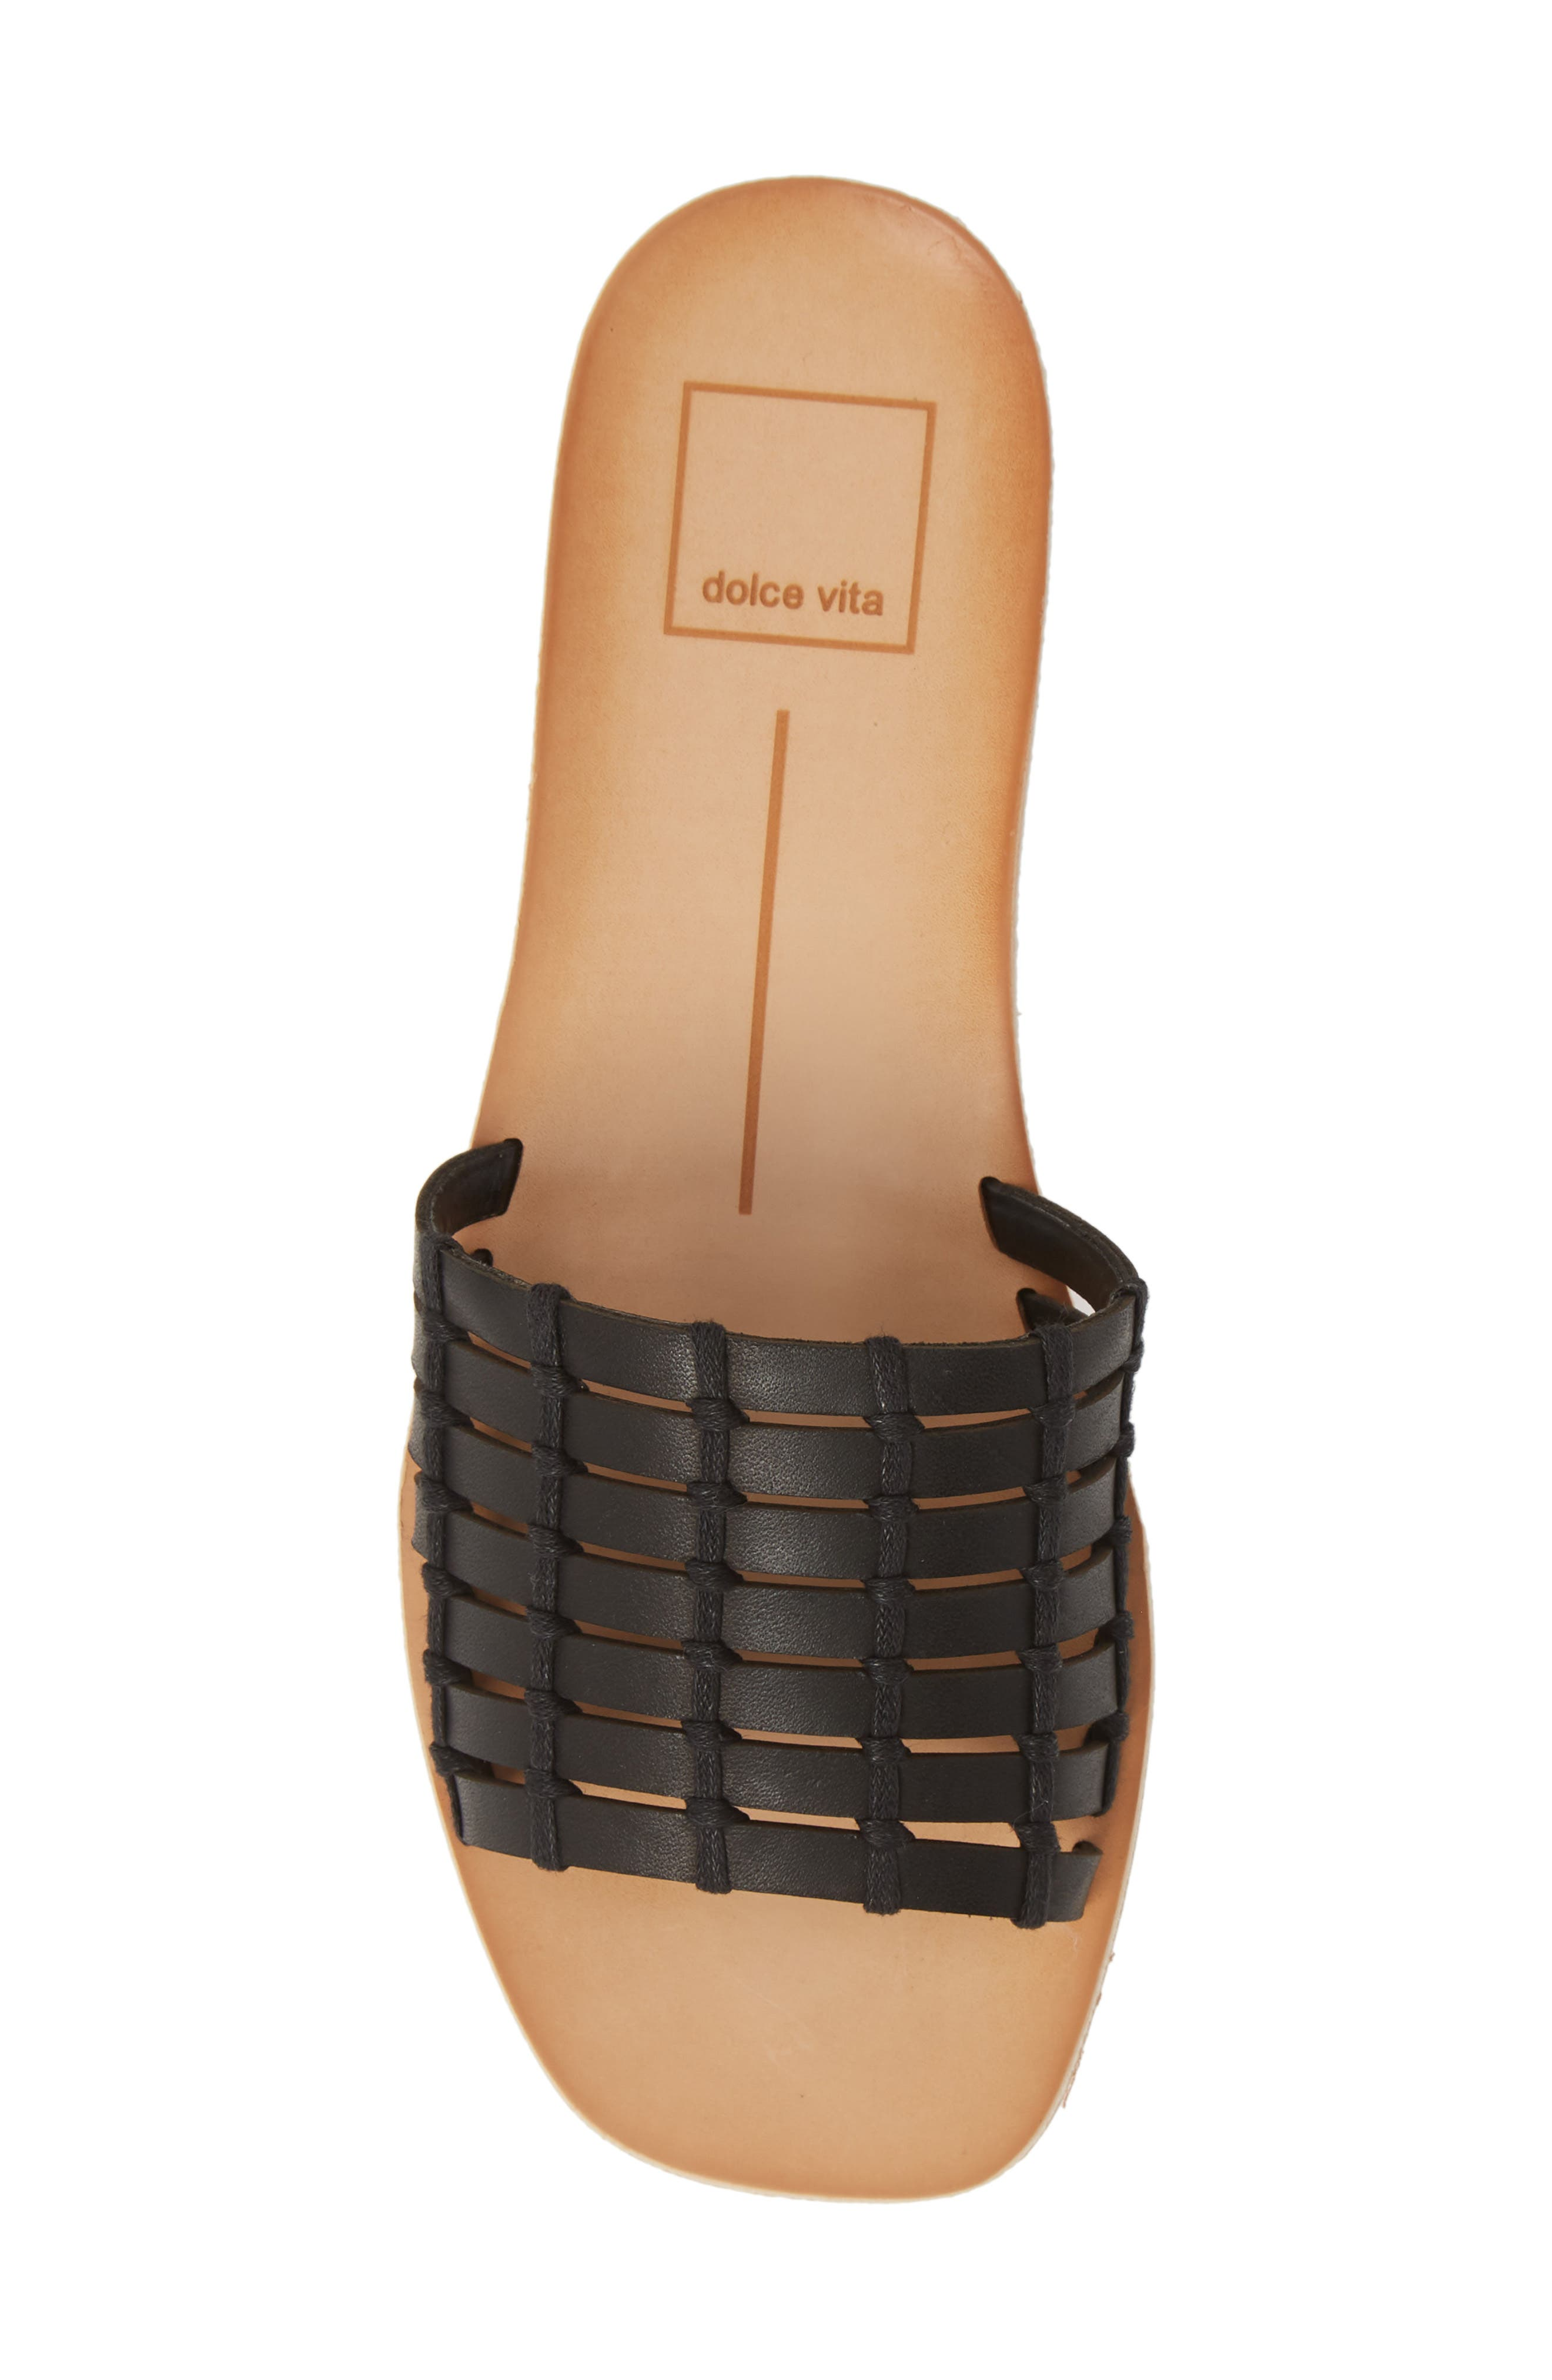 DOLCE VITA, Colsen Slide Sandal, Alternate thumbnail 5, color, BLACK LEATHER